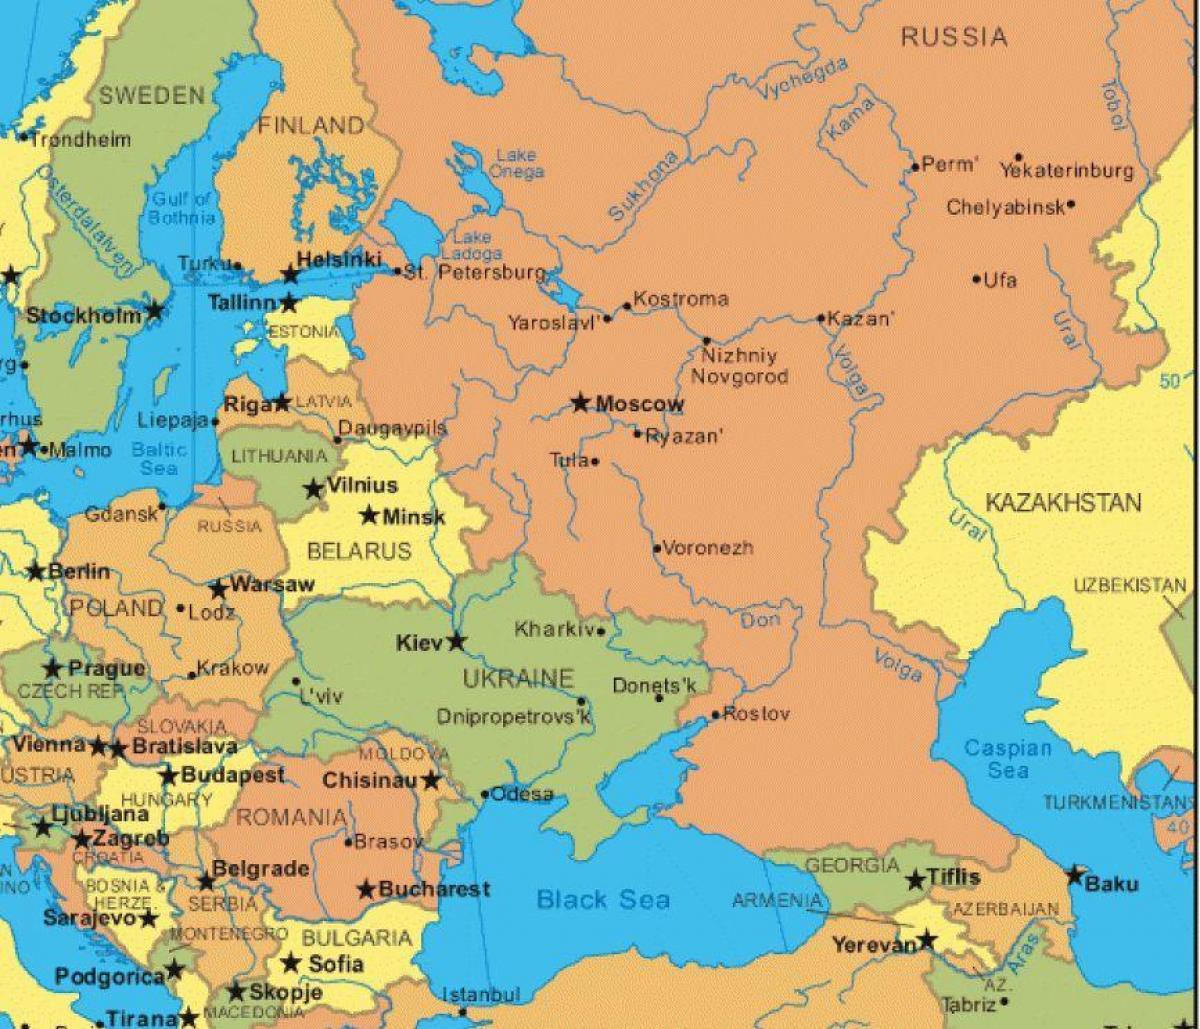 Kort Over Rusland Og Osteuropa Kort Osteuropa Og Rusland